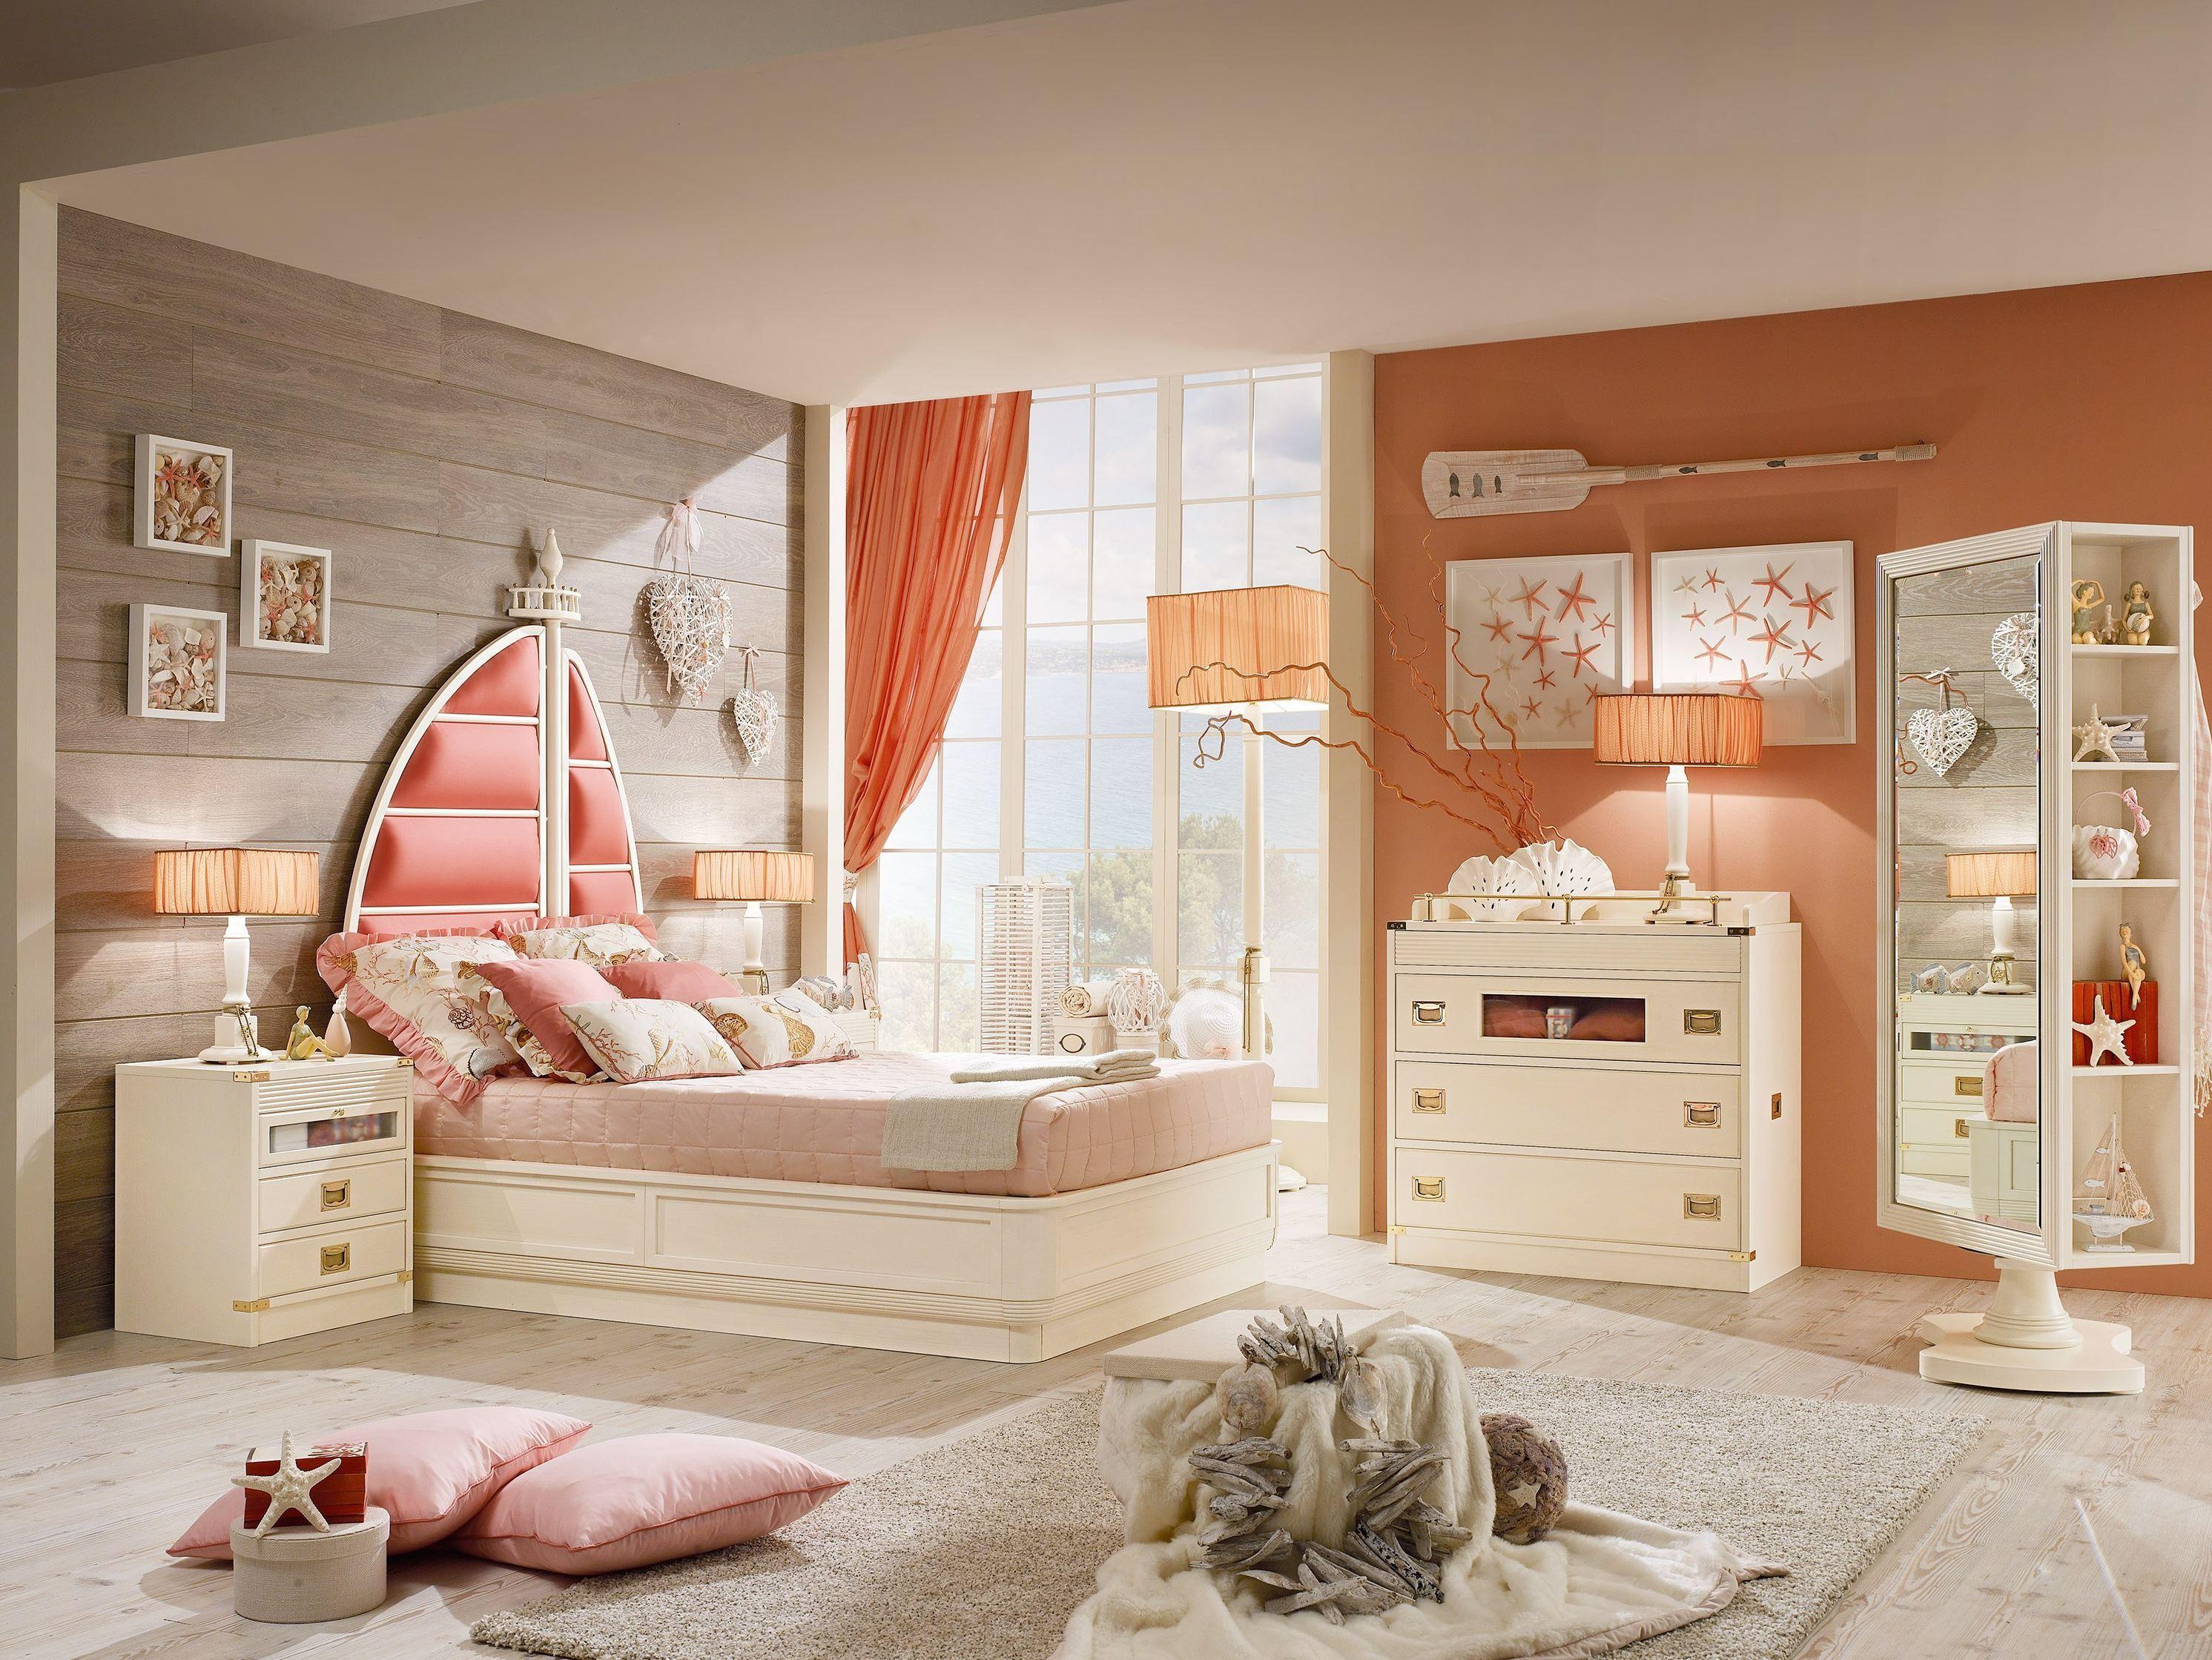 Ariel schlafzimmer by caroti